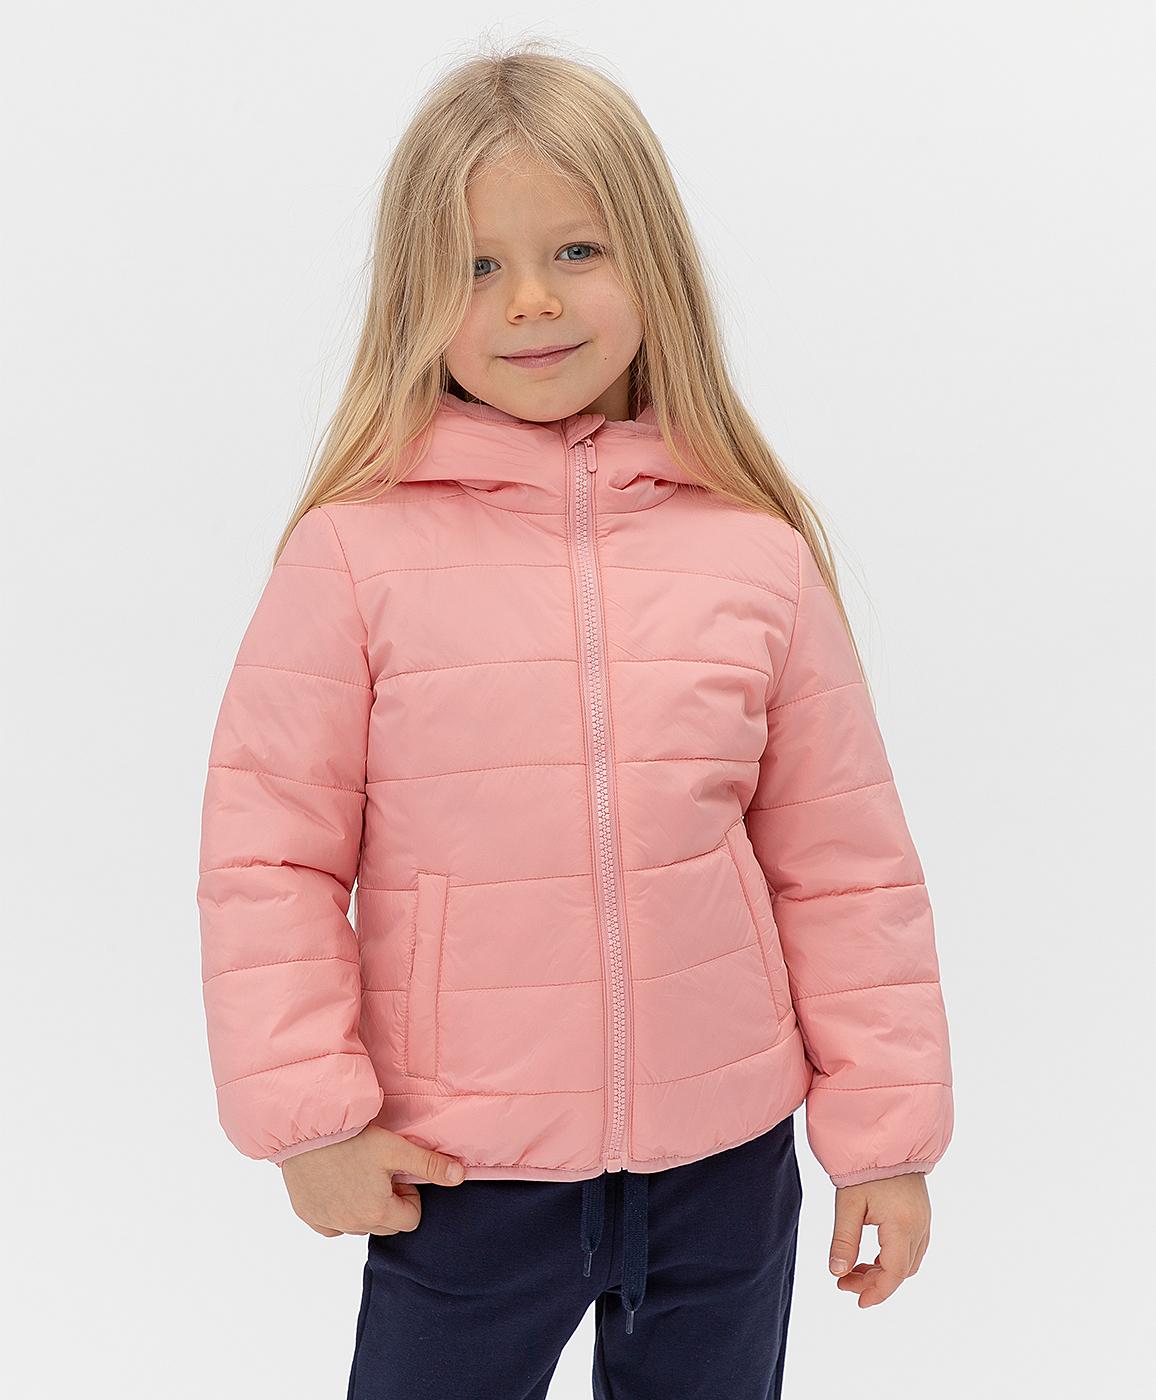 Купить 121BBGB41011200, Розовая куртка Button Blue, розовый, 140, Полиэстер, Женский, Весна, ВЕСНА/ЛЕТО 2021 (shop: GulliverMarket Gulliver Market)